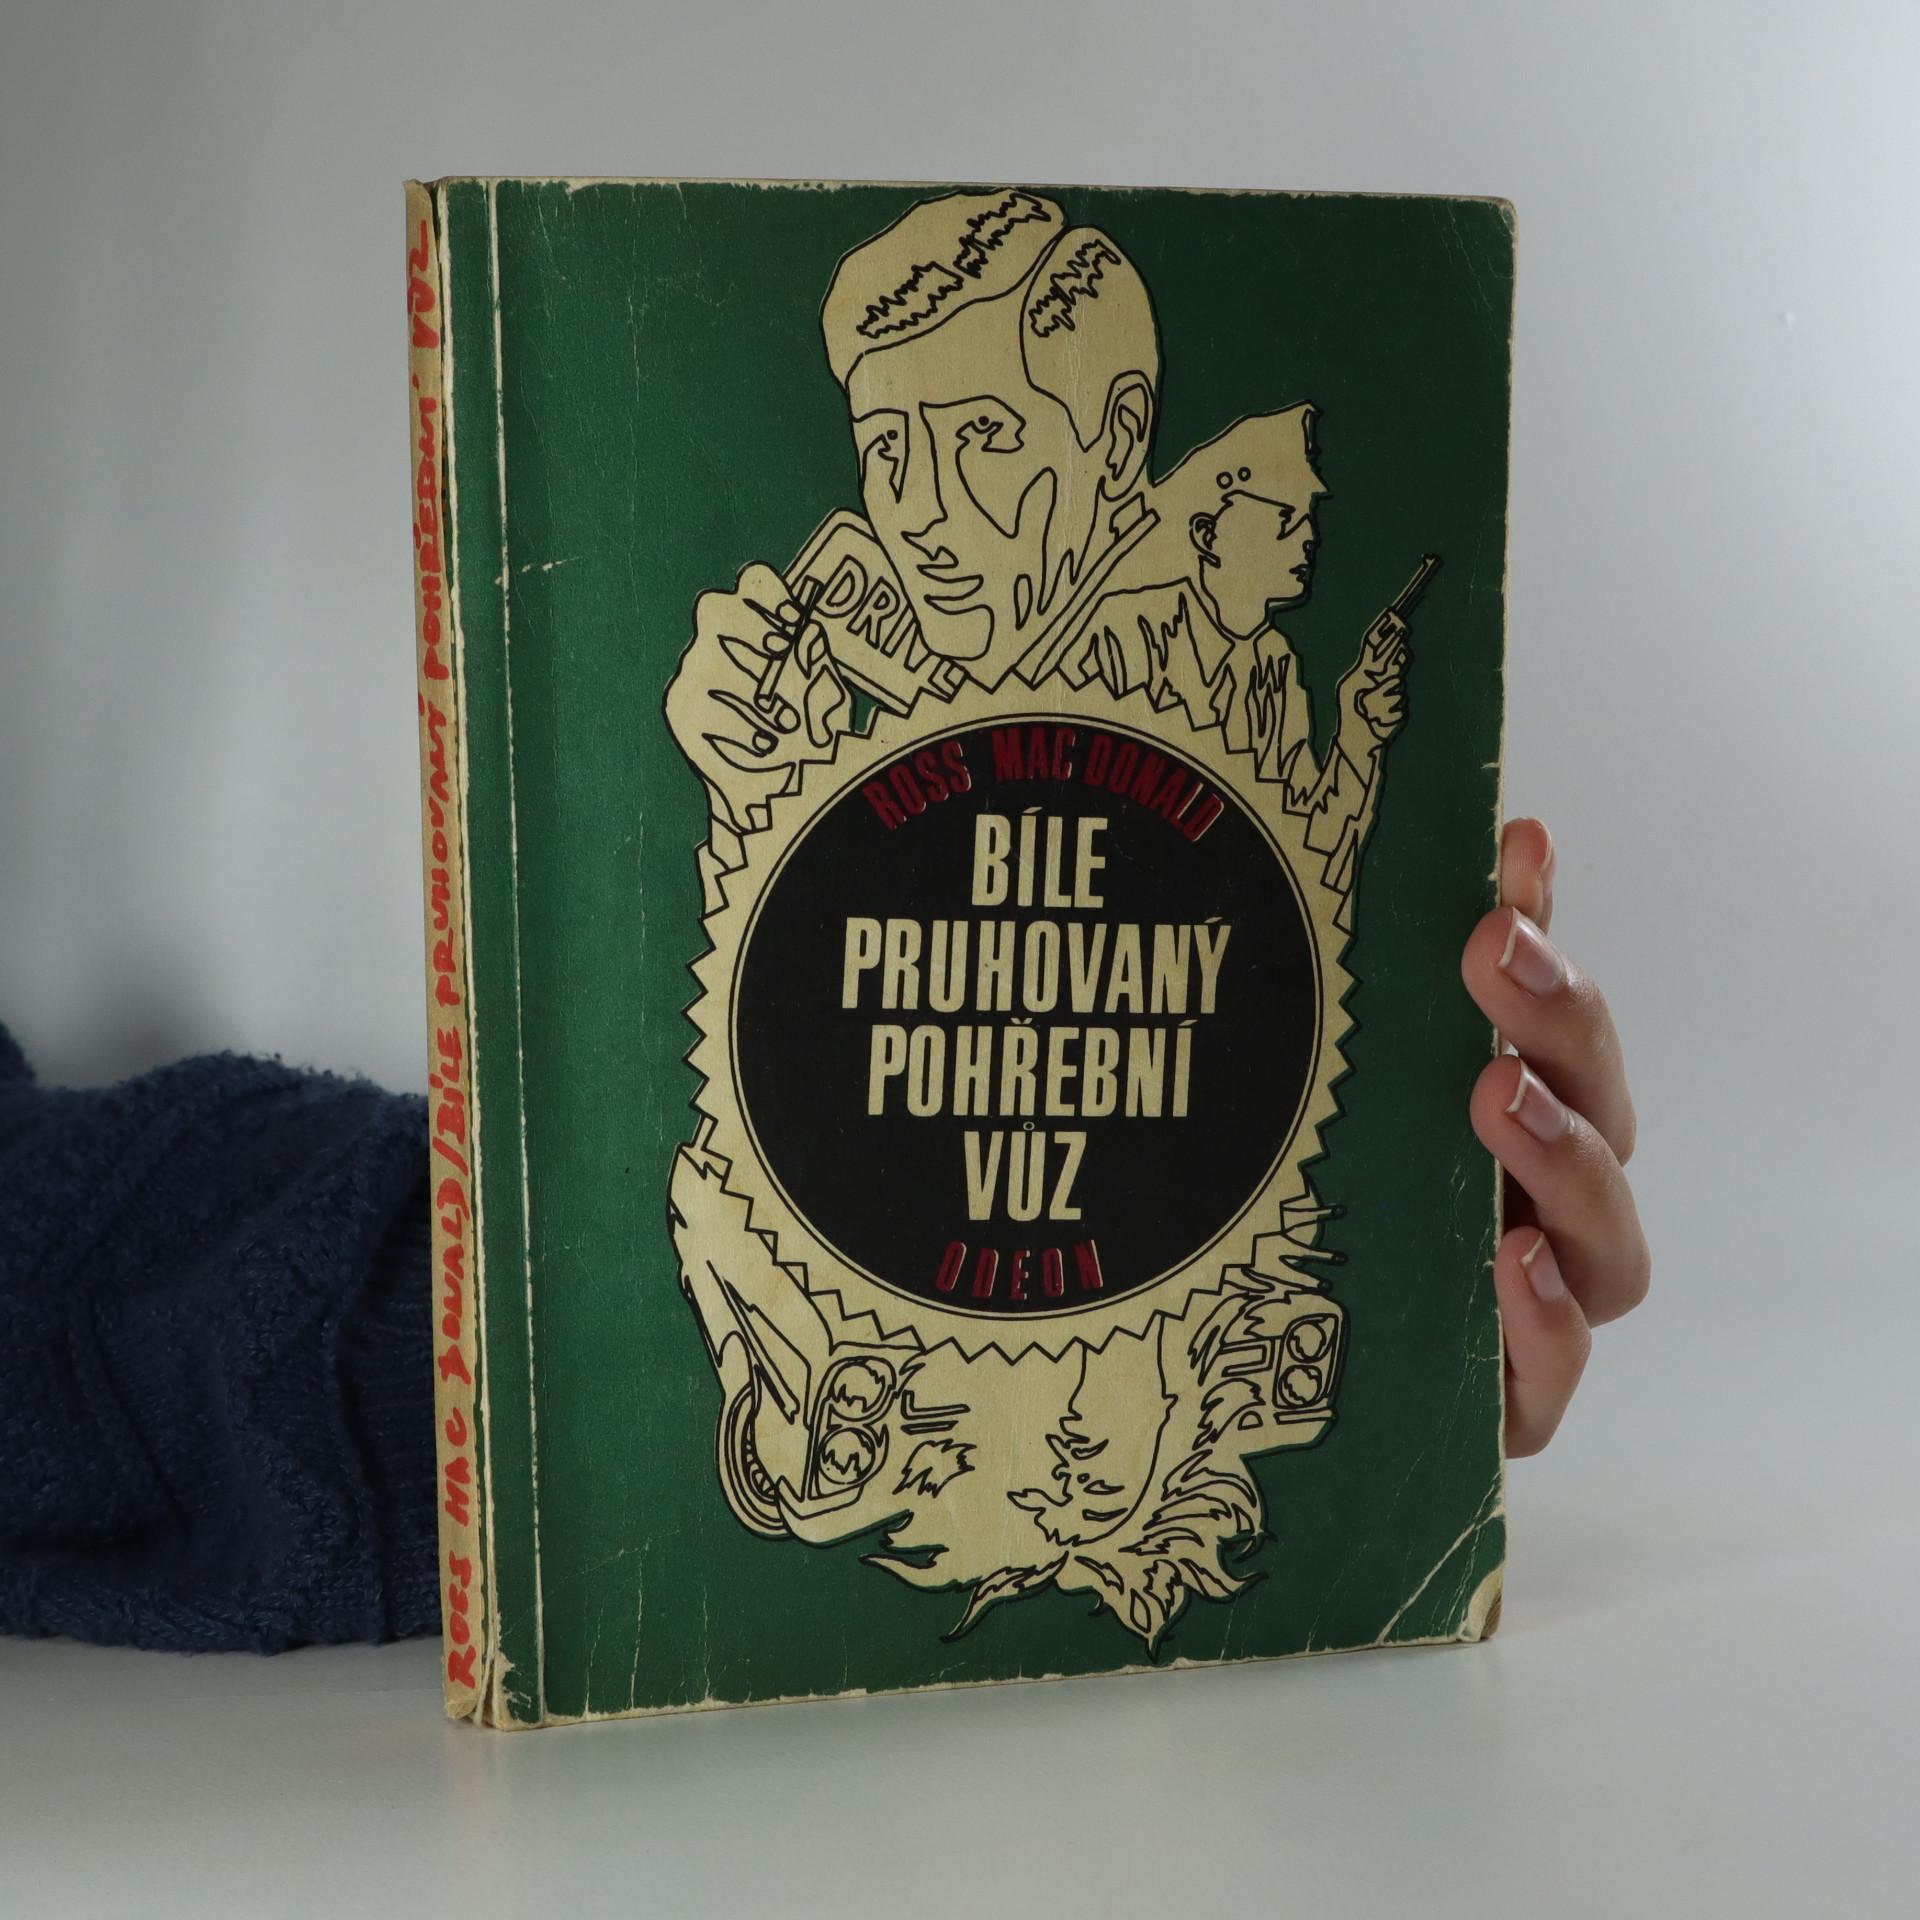 antikvární kniha Bíle pruhovaný pohřební vůz, 1971